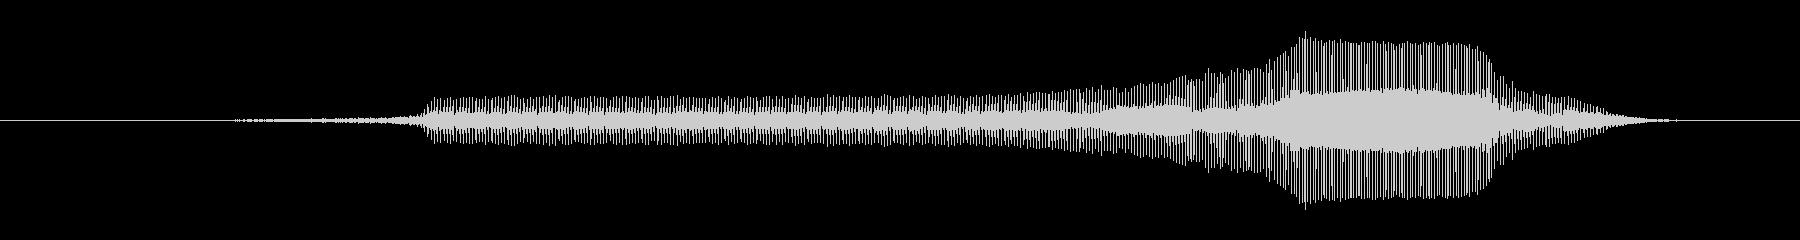 ホーン フートライズ03の未再生の波形